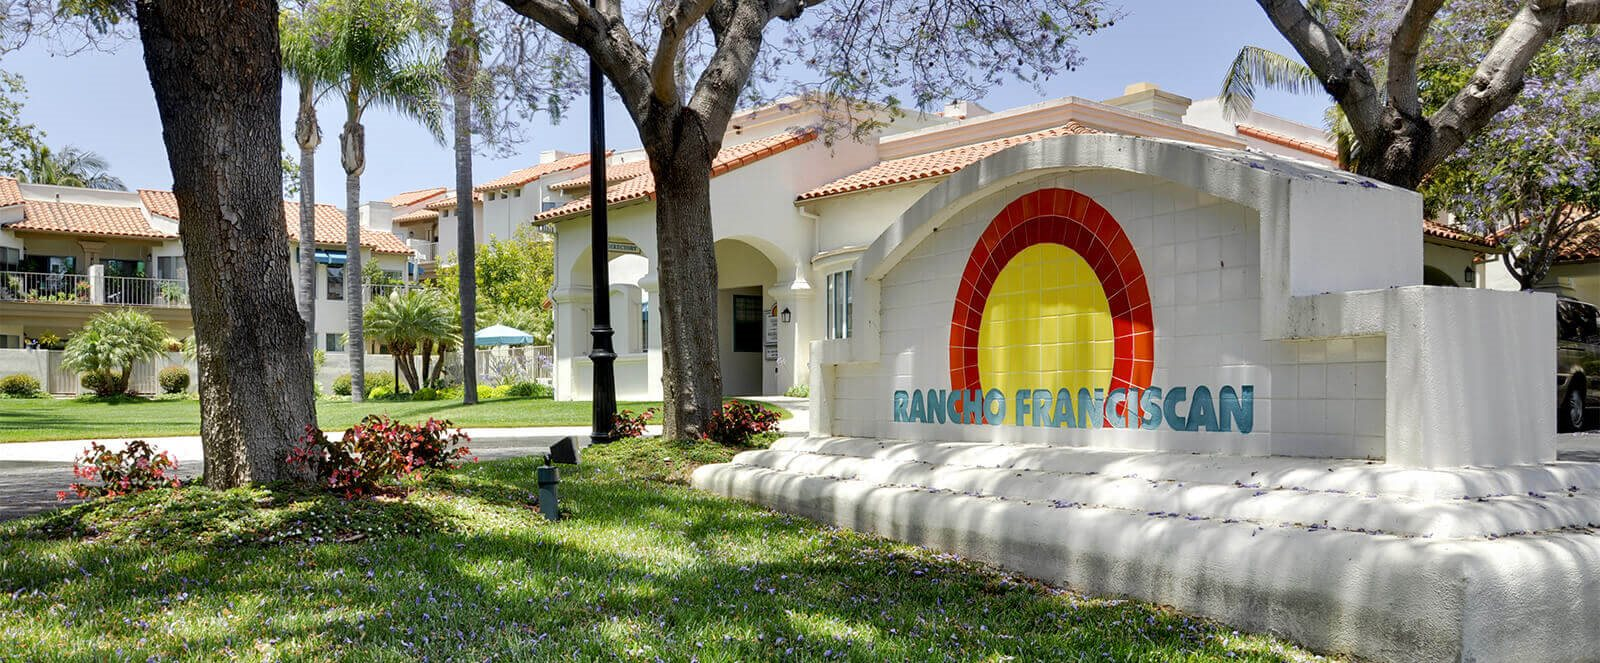 100% Non-Smoking Community, at Rancho Franciscan Senior Apartments, California, 93105